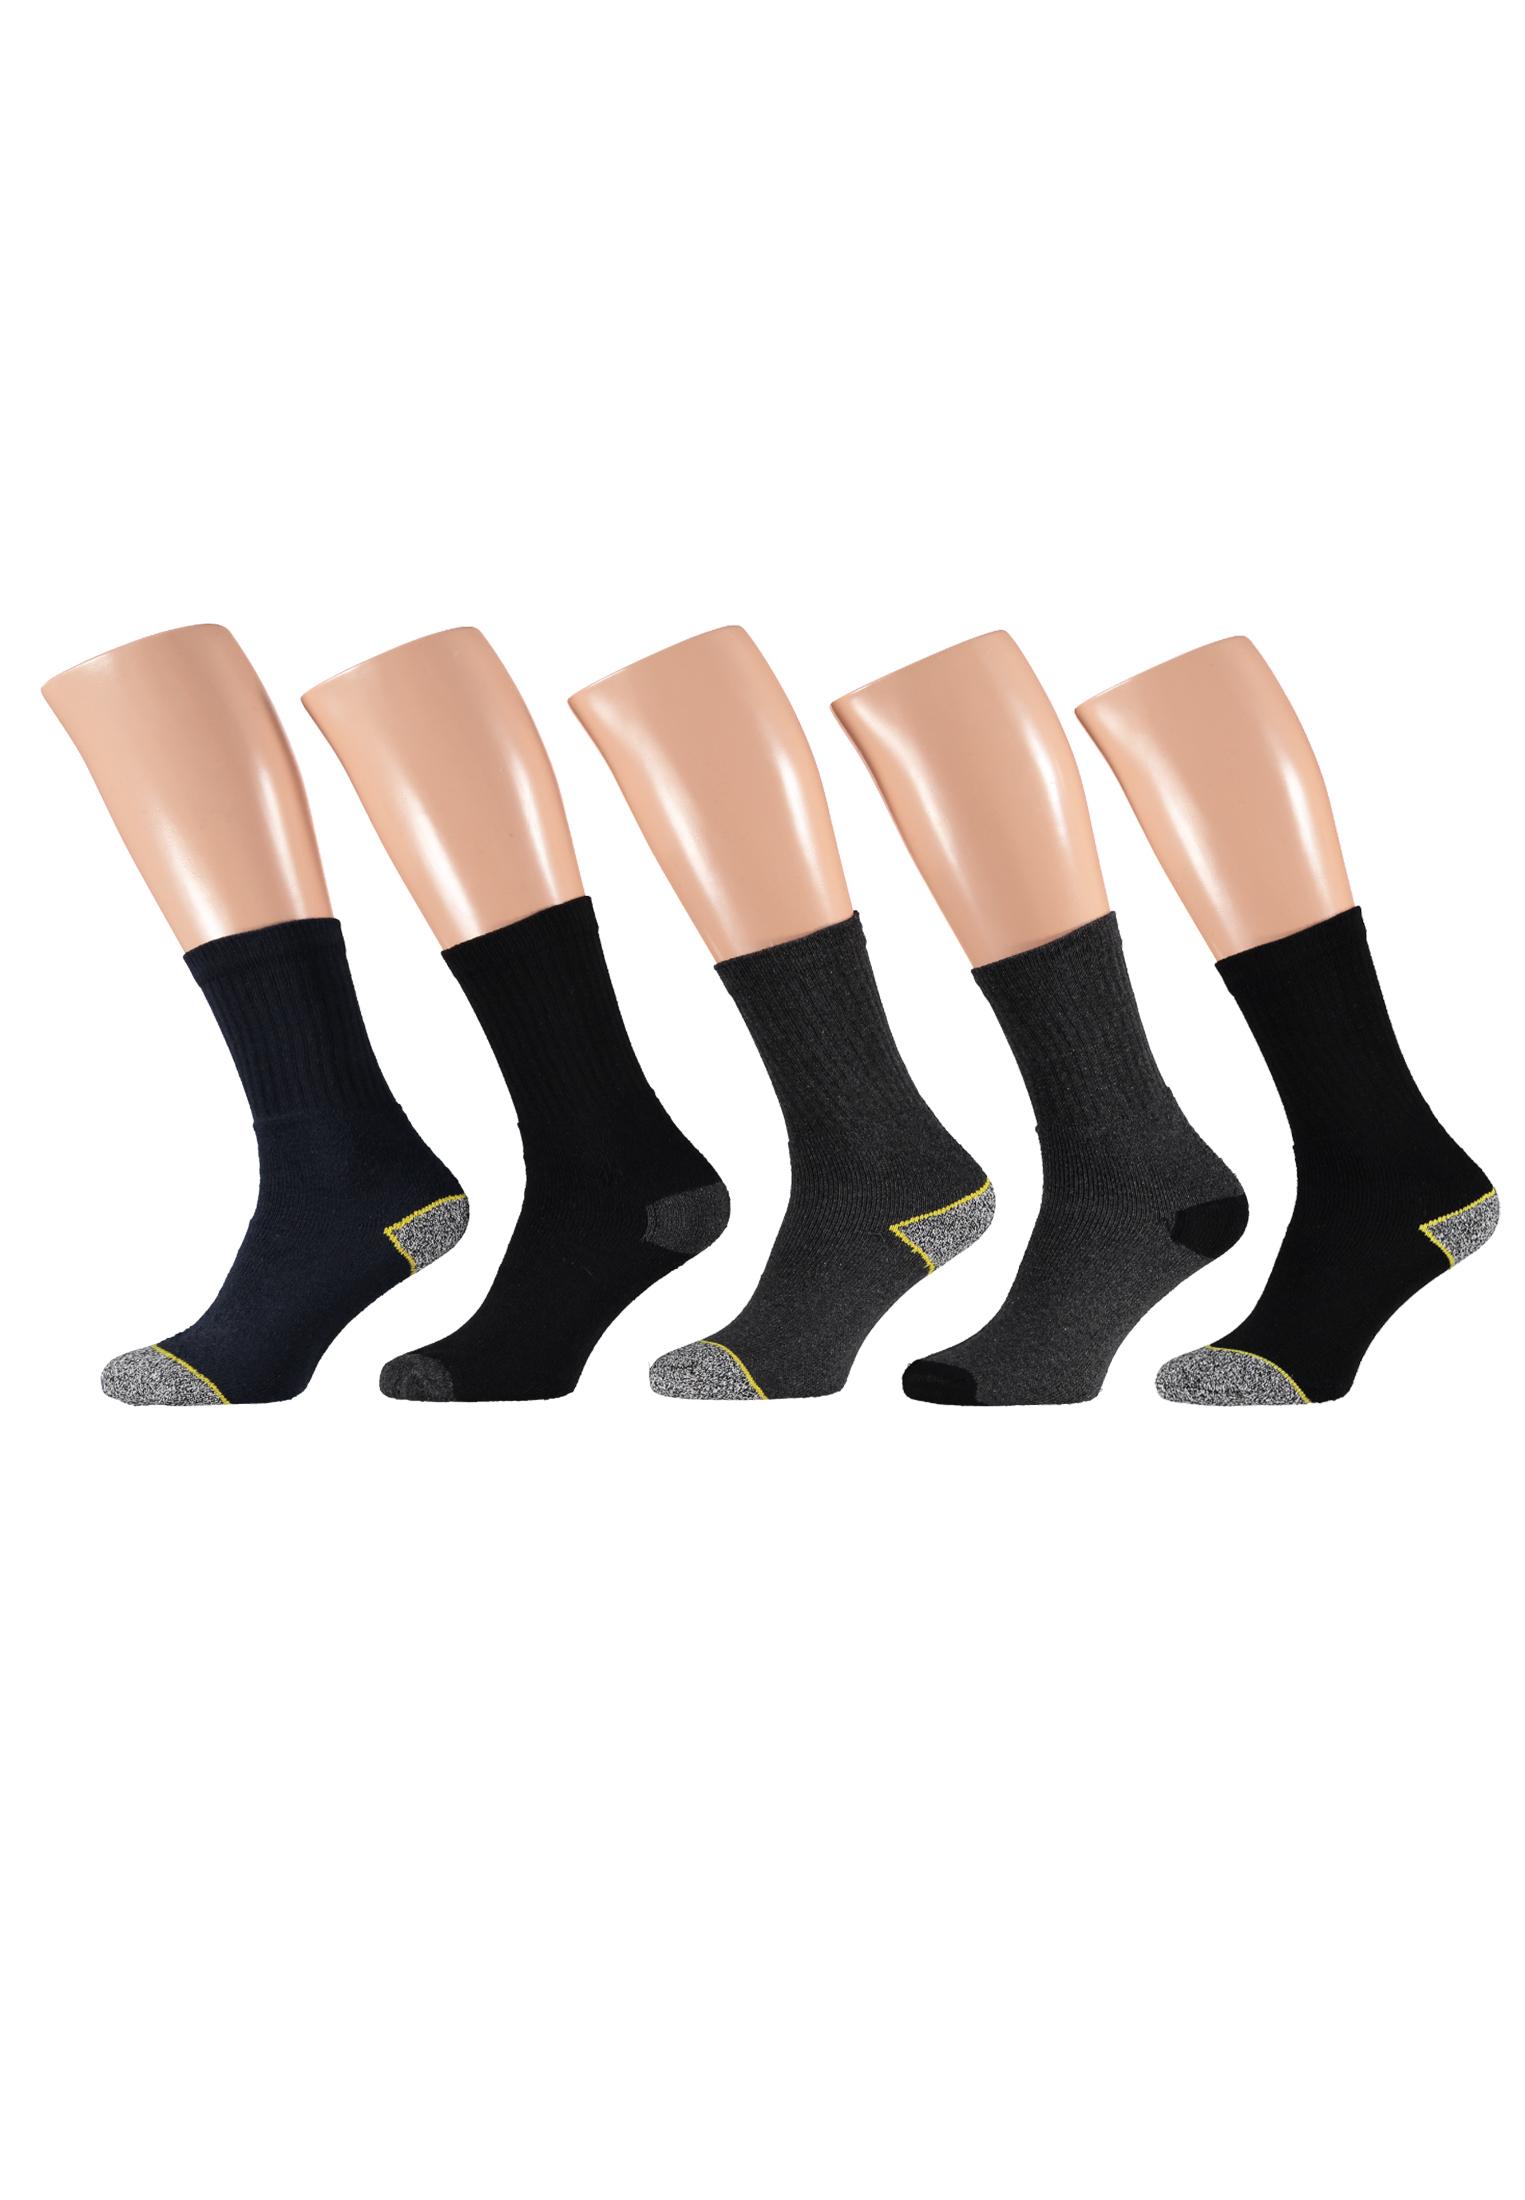 10 paar sokken van het merk Apollo. Deze Apollo Worker sokken hebben verstevigde hak en teen stukken voor optimaal draagcomfort. U ontvangt 2 bundels met in totaal 4 paar zwarte sokken, 4 paar grijze sokken en 2 paar blauwe sokken.